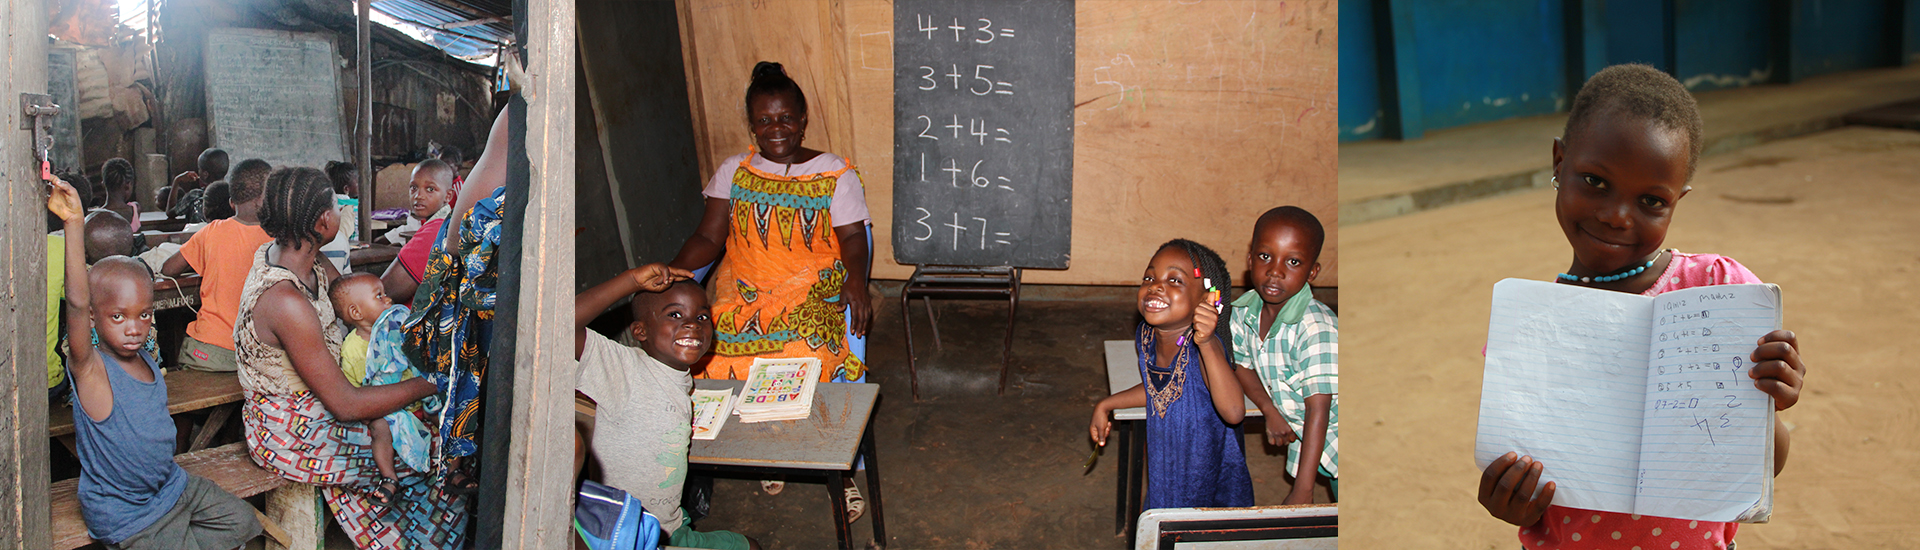 Día Internacional de la Educación: acceso universal y enseñanza de calidad para tener oportunidades de futuro